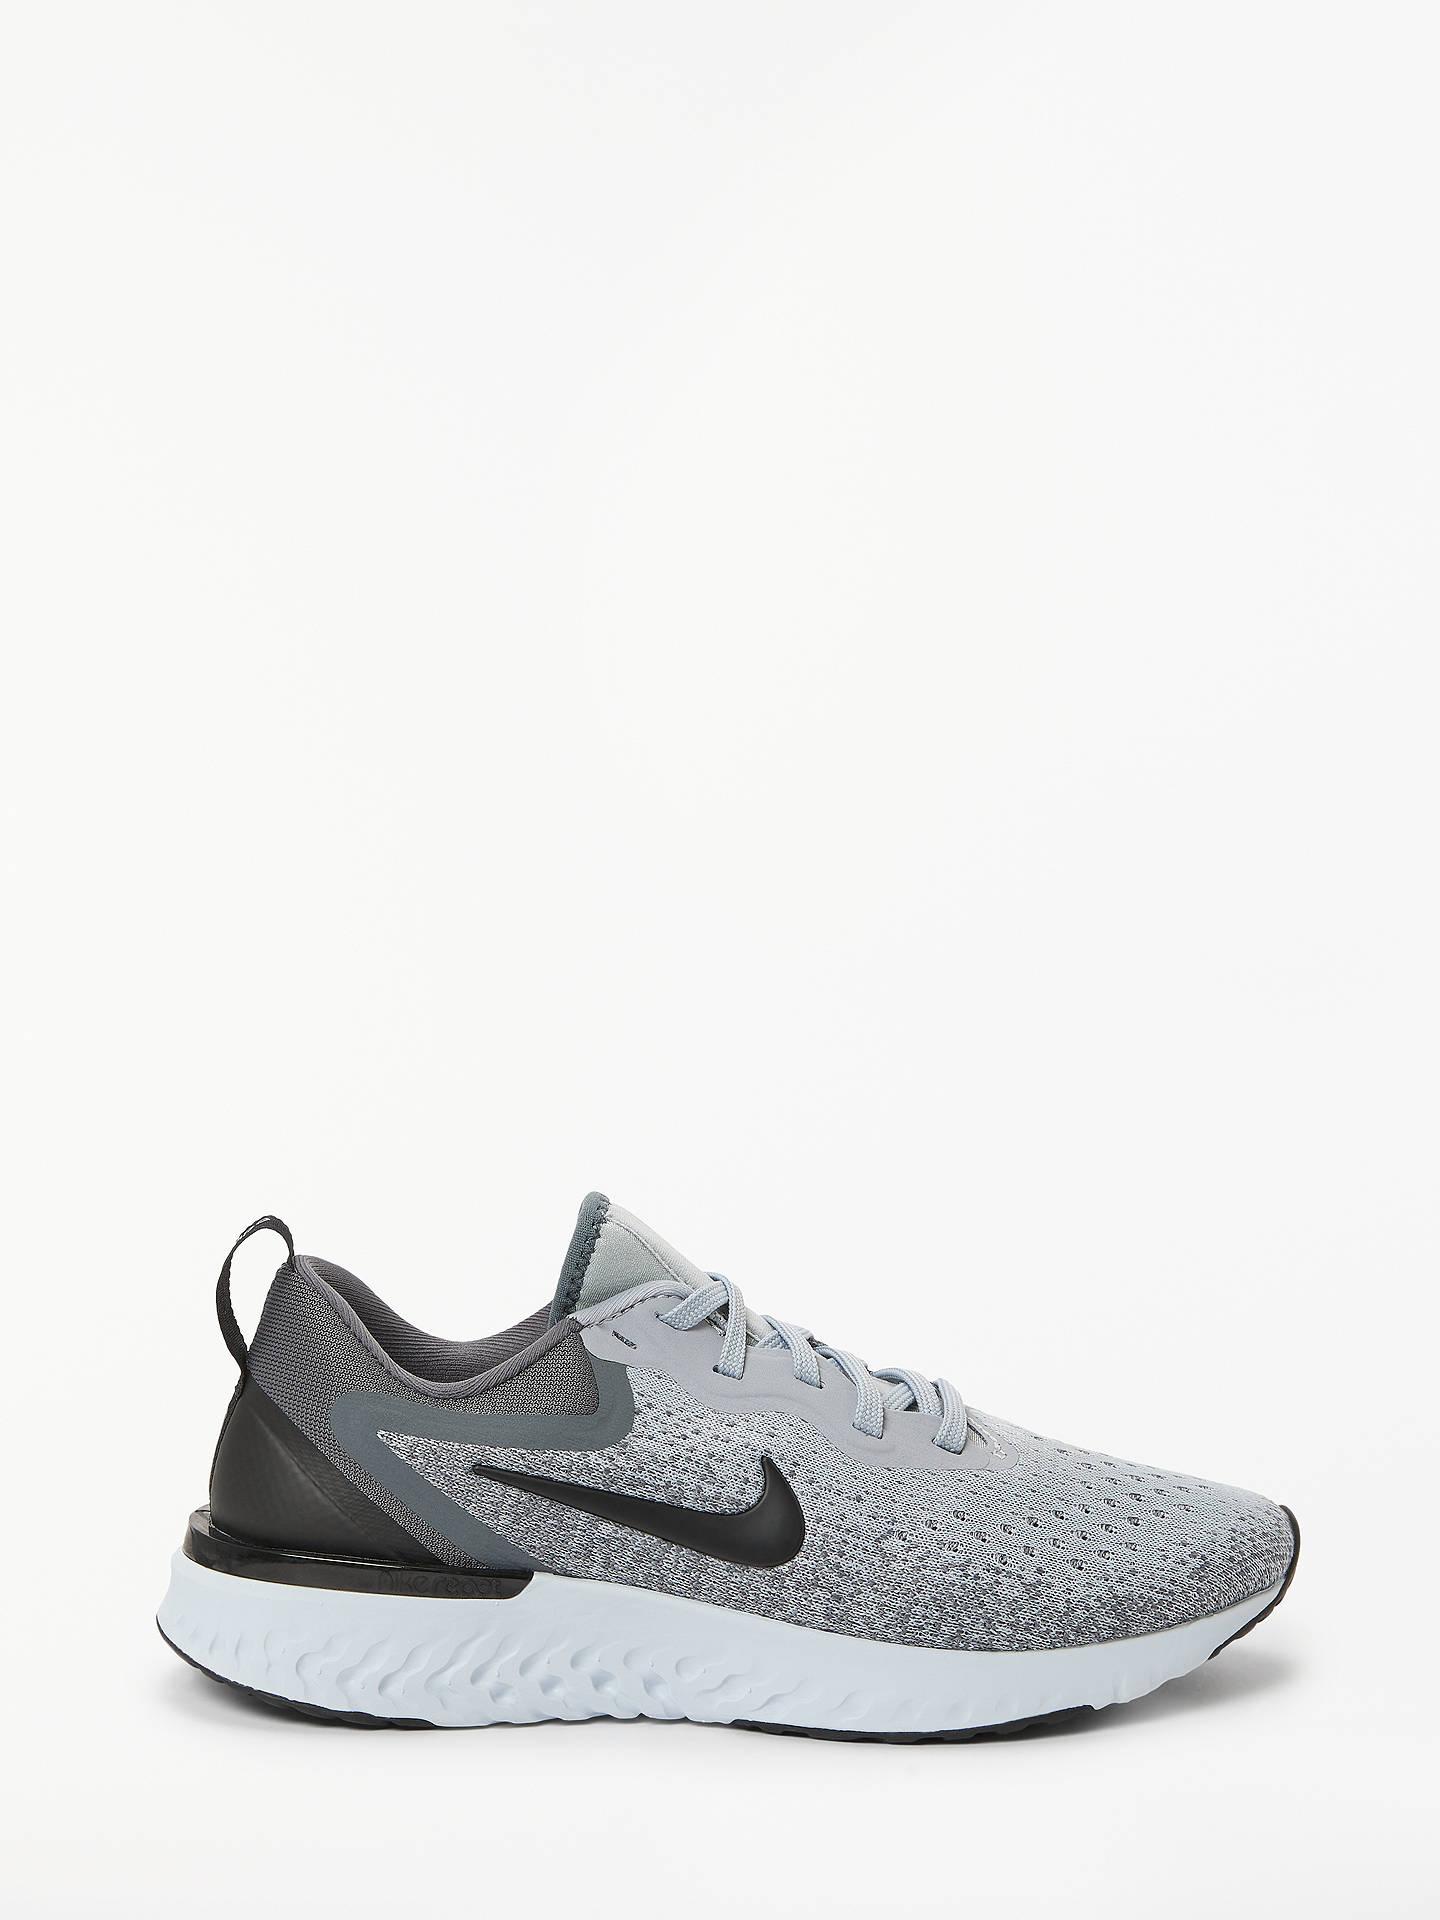 832768bc411c9 Nike Odyssey React Women s Running Shoe at John Lewis   Partners